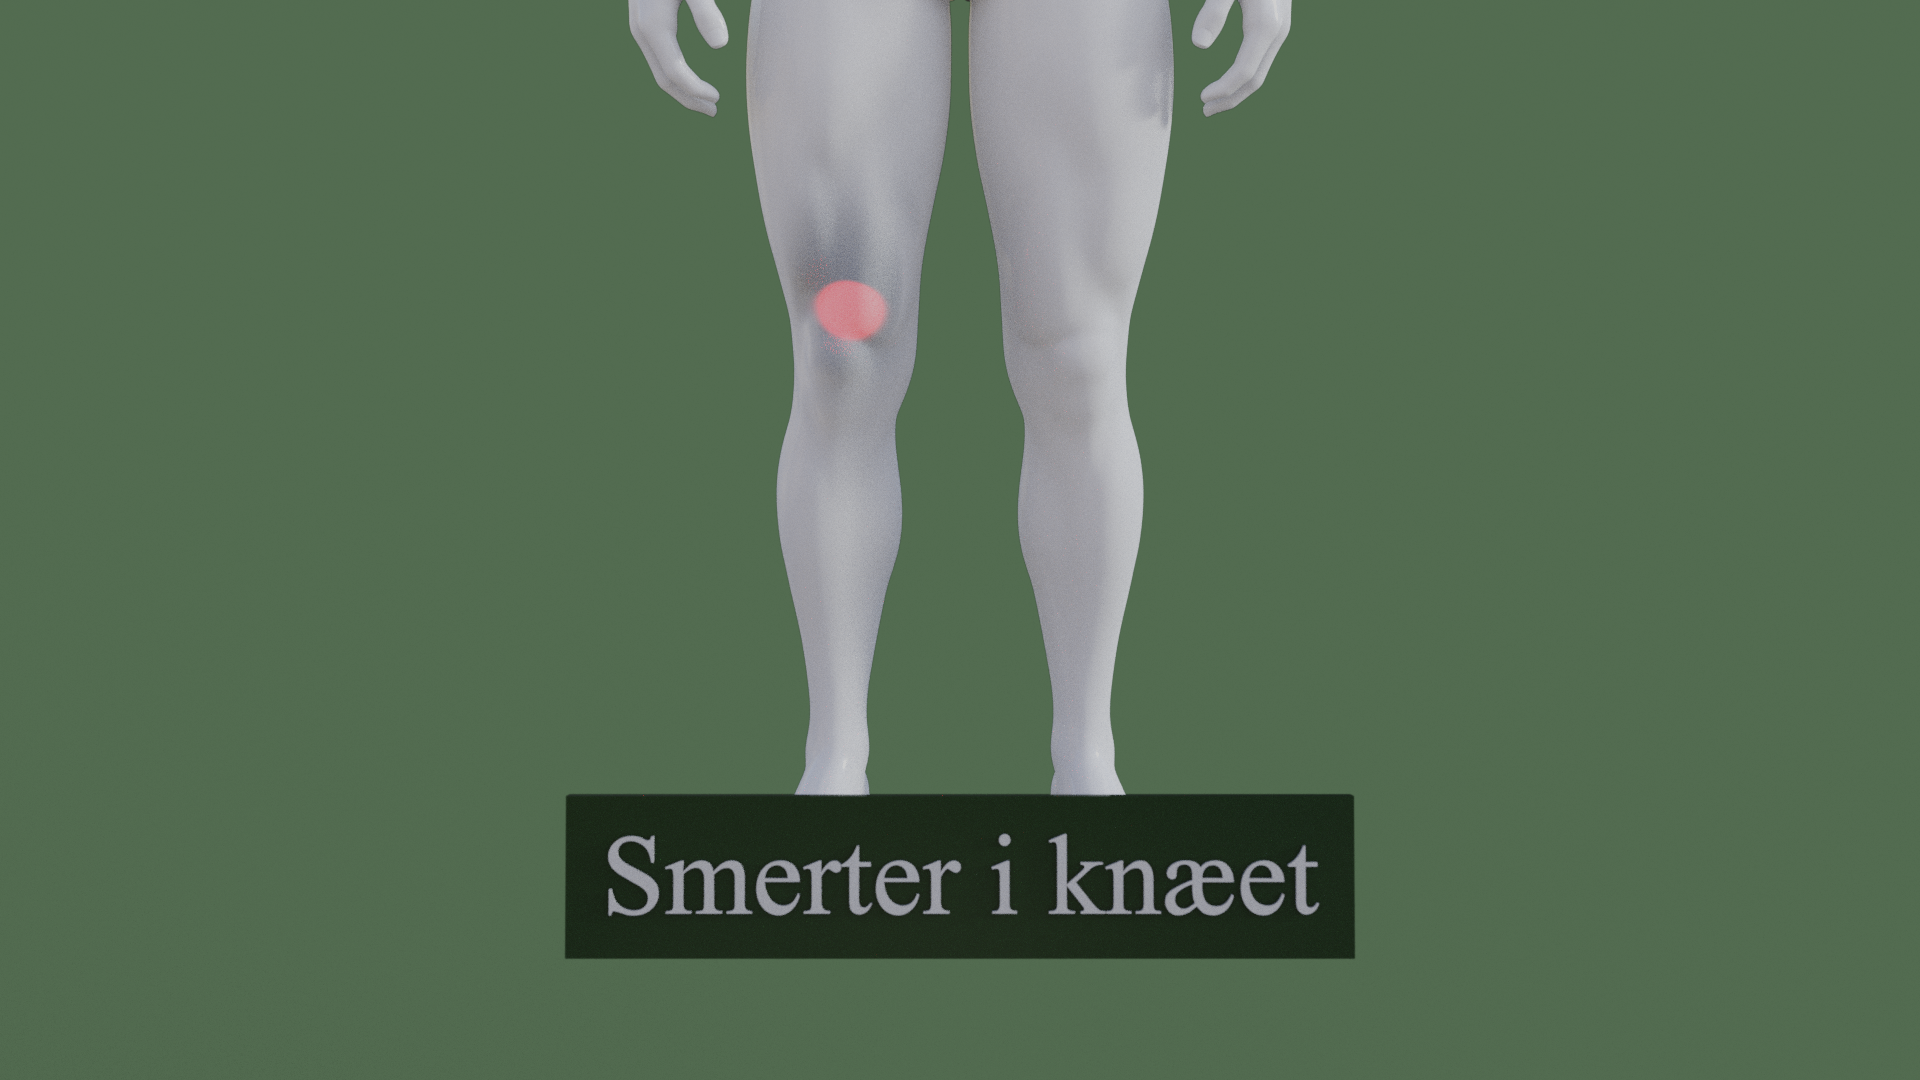 Billedet viser en 3D figur med smerter over knæet. Den røde farve over knæet symboliserer smerterne.